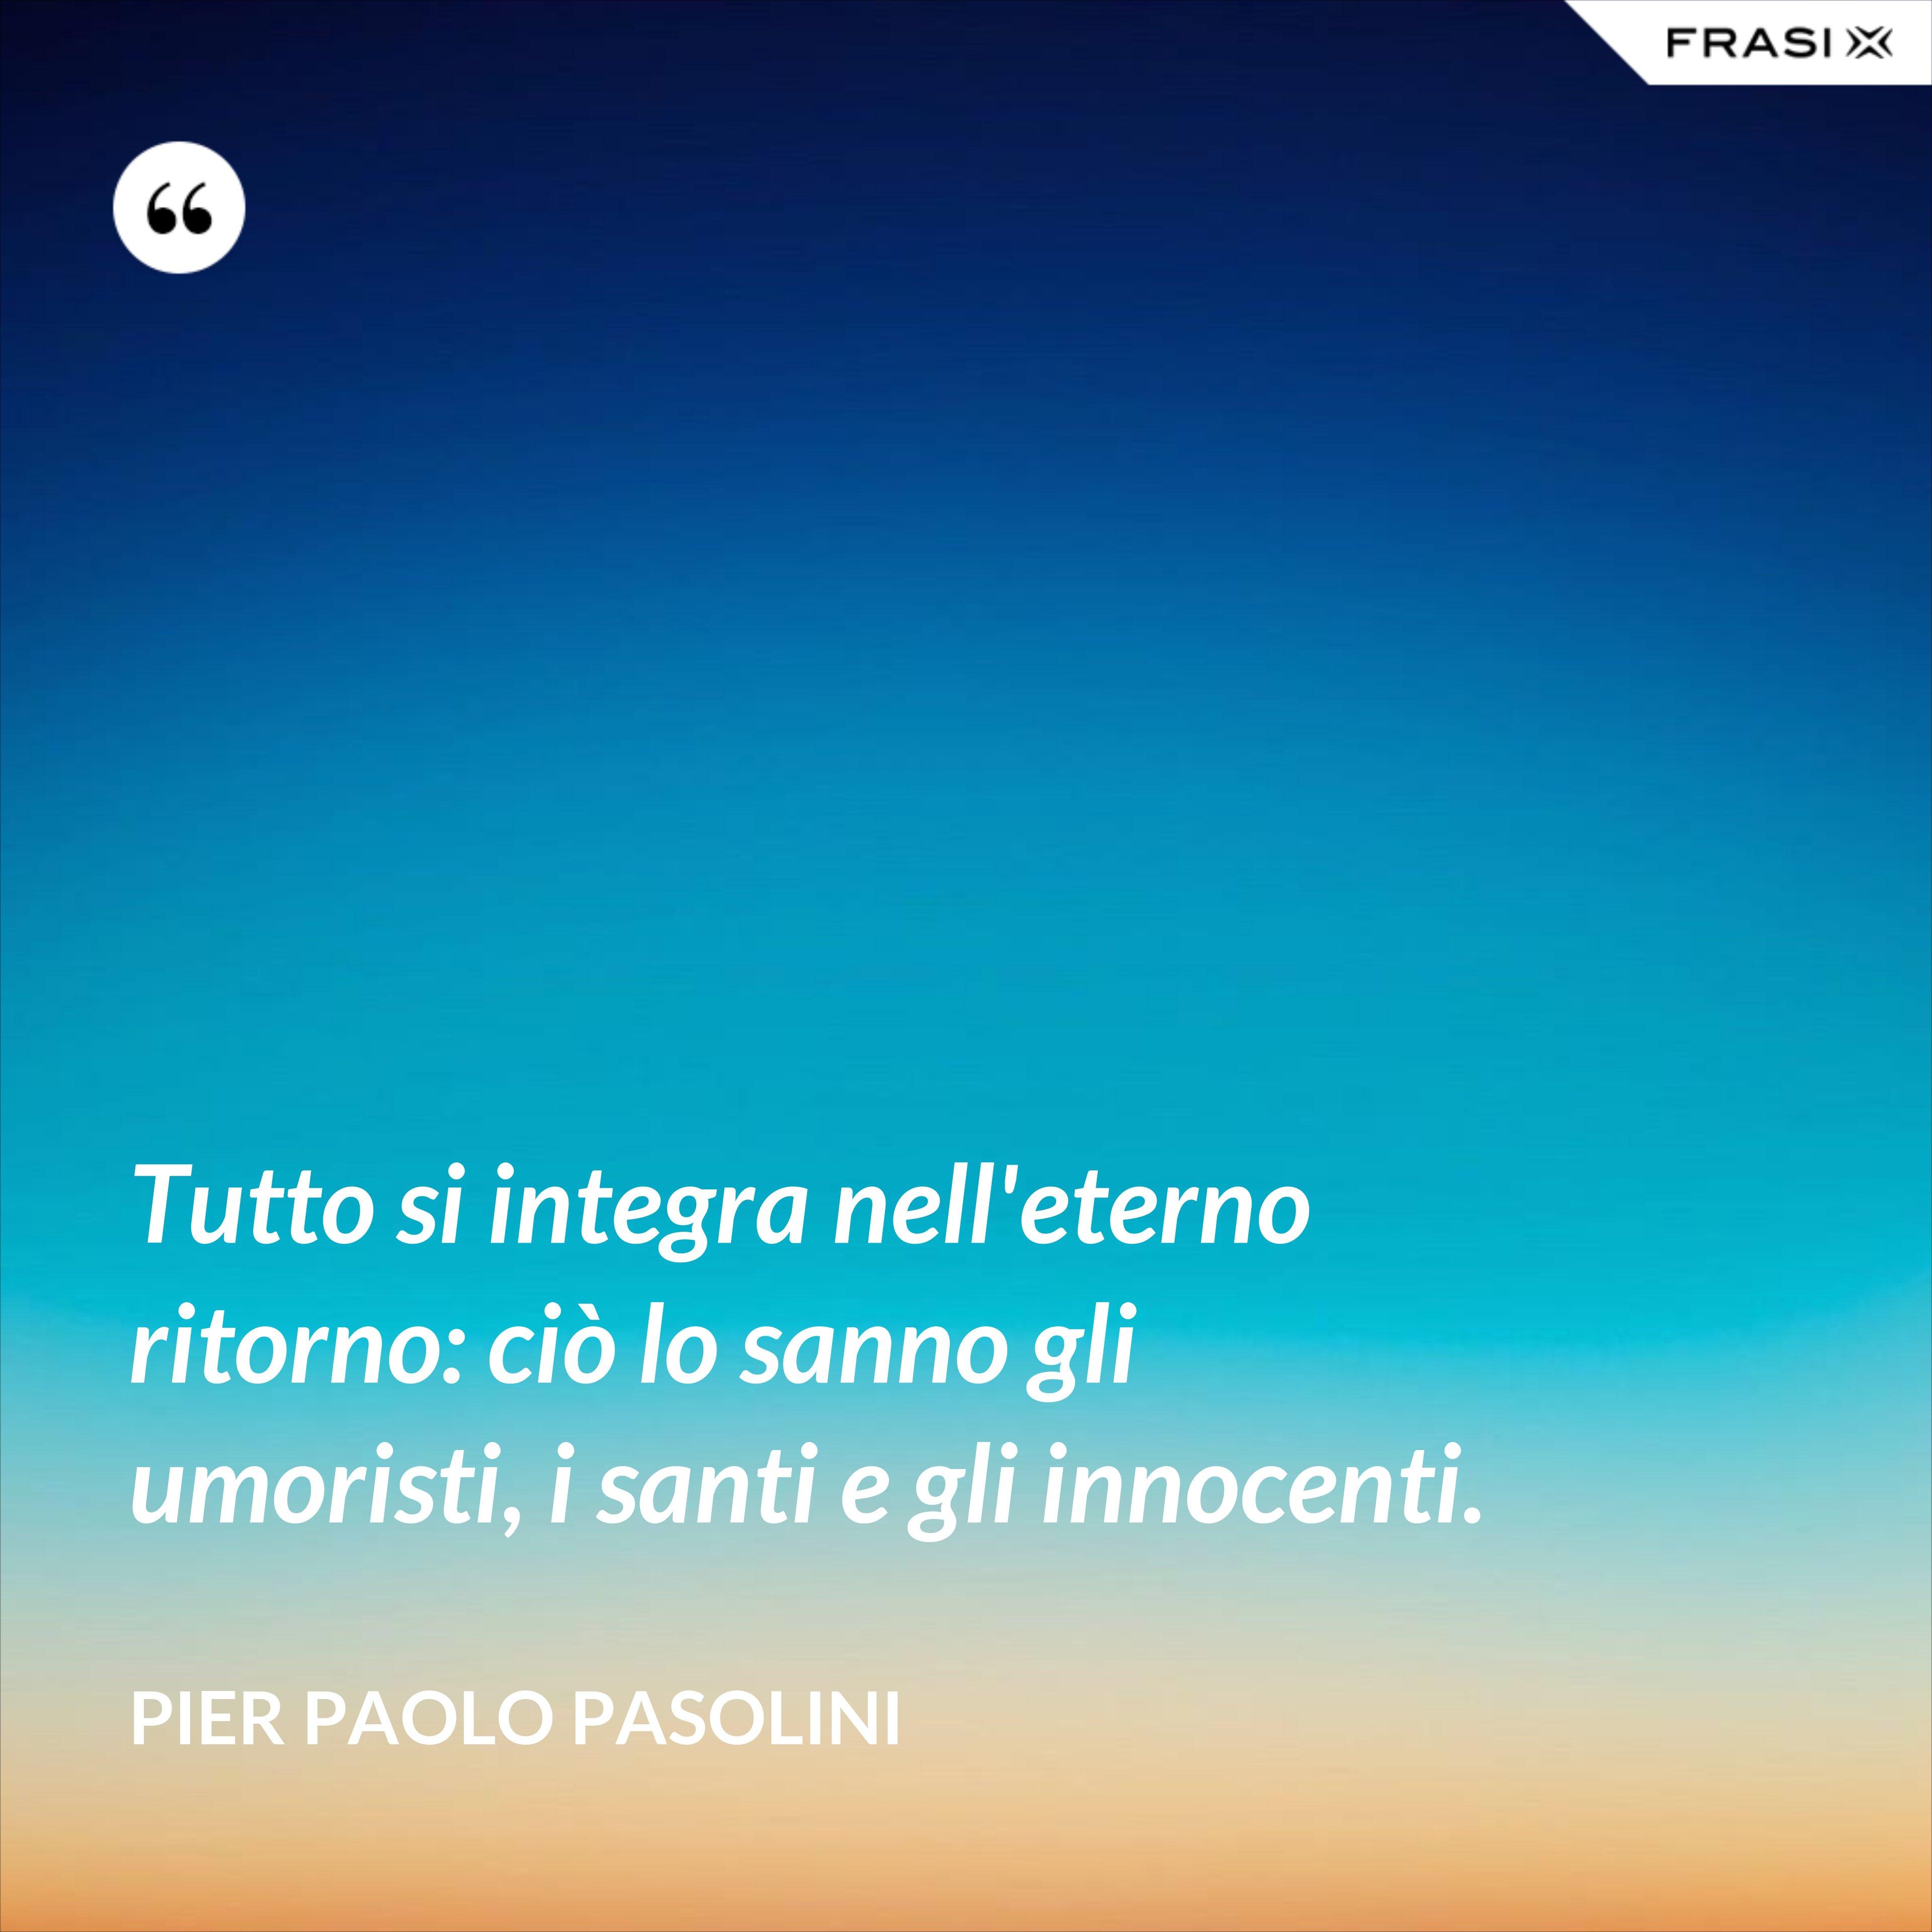 Tutto si integra nell'eterno ritorno: ciò lo sanno gli umoristi, i santi e gli innocenti. - Pier Paolo Pasolini